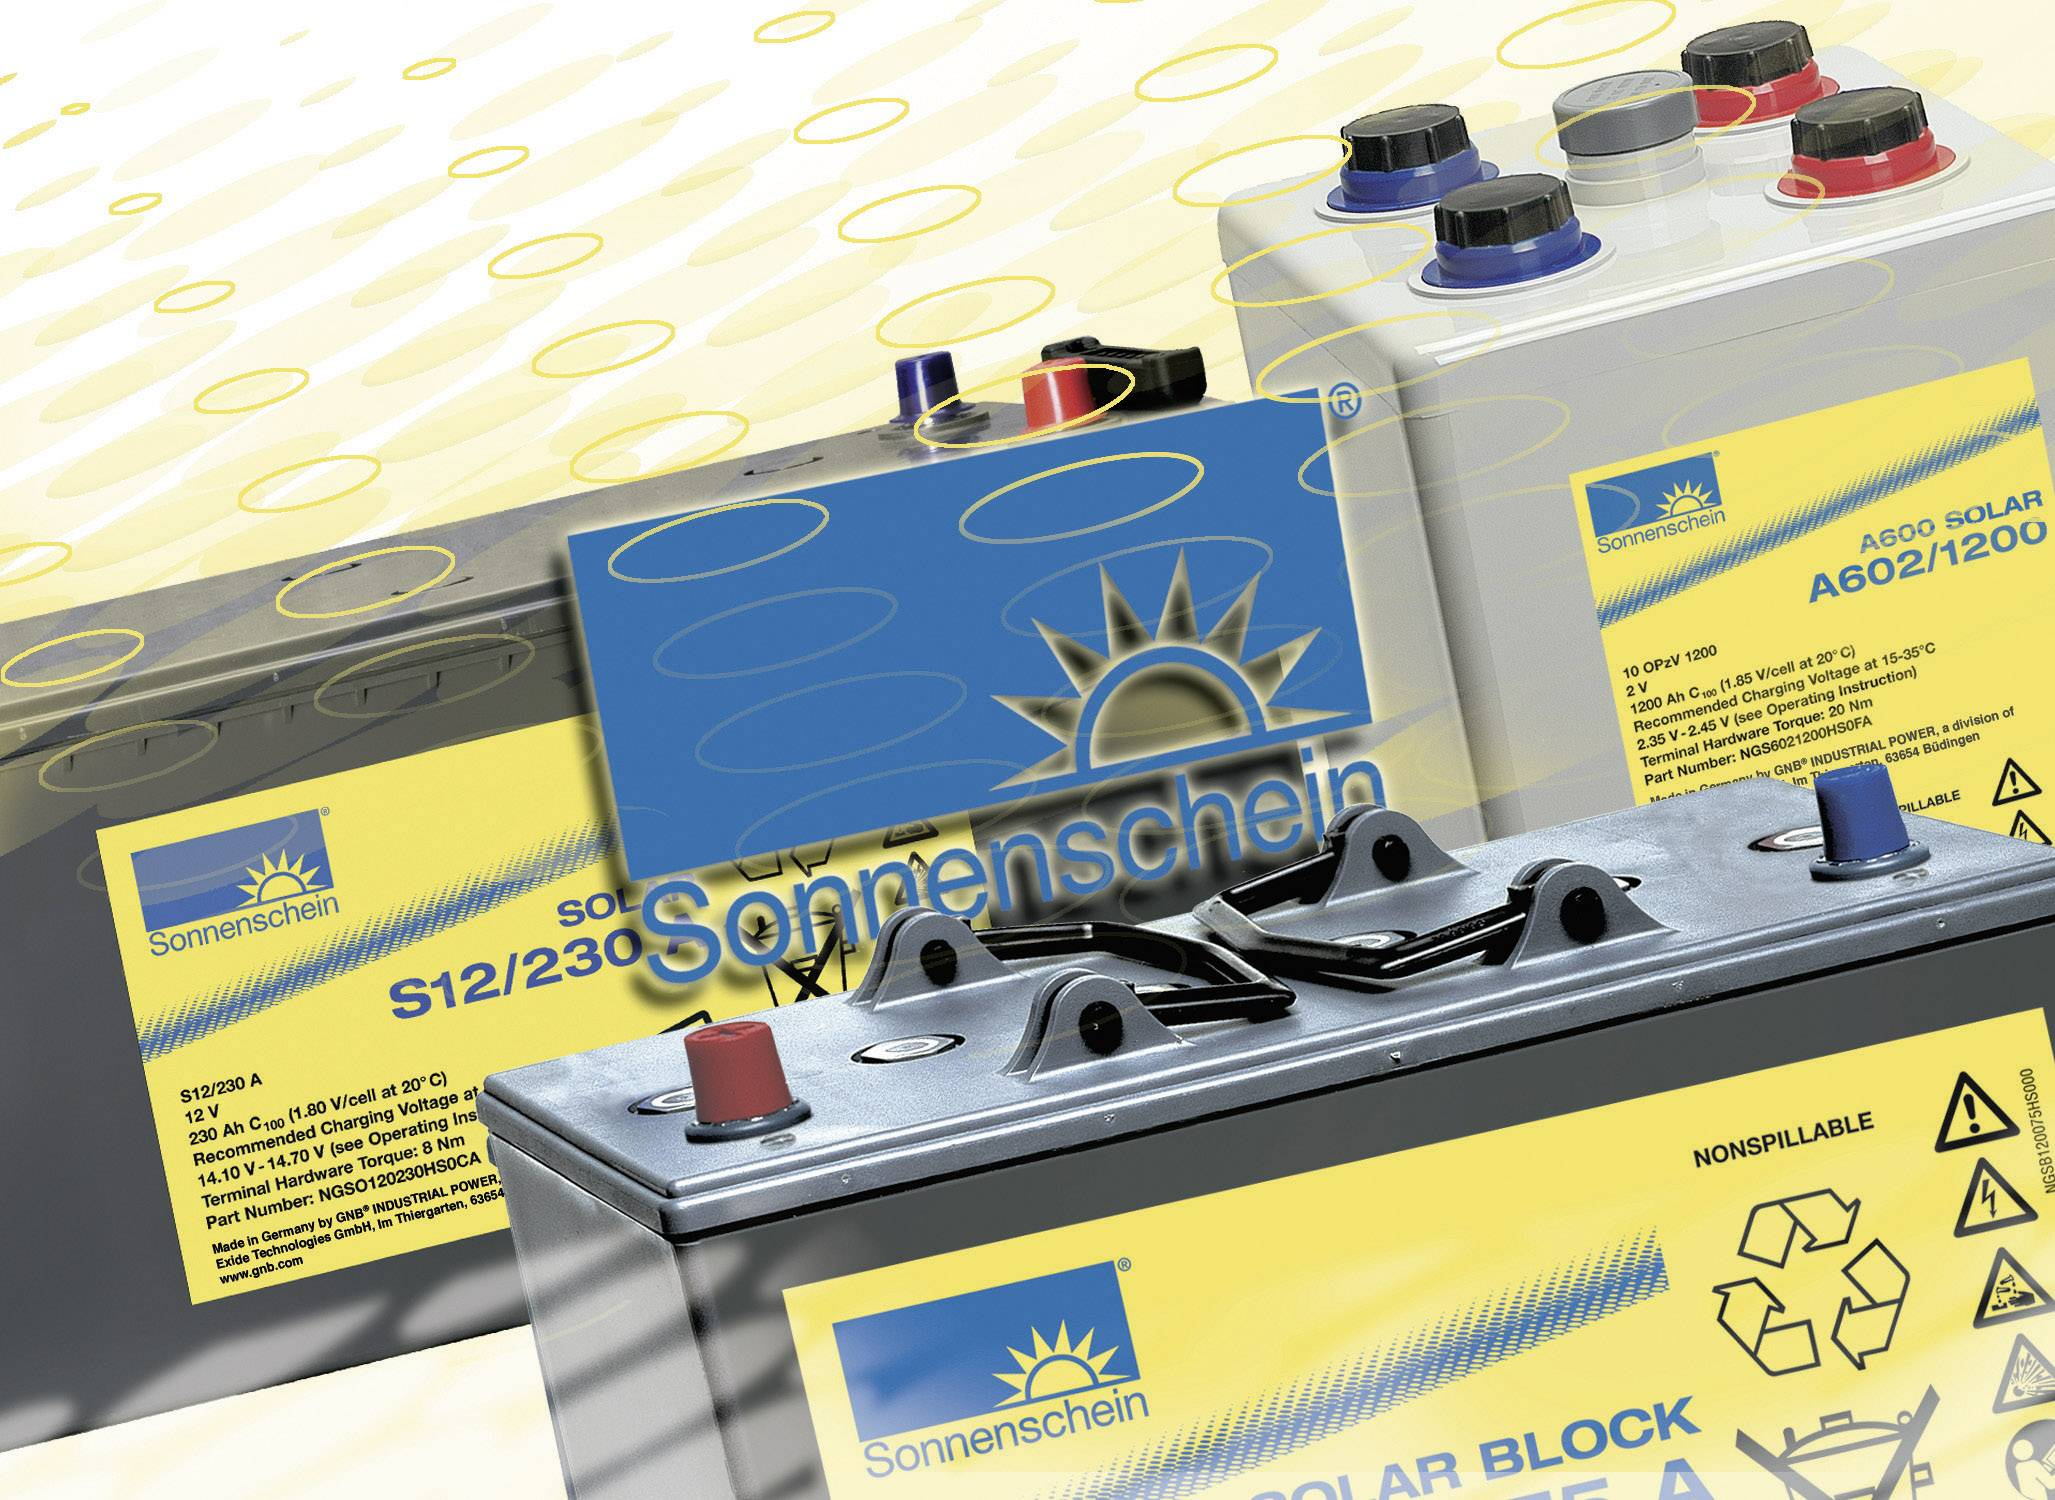 Solární akumulátor GNB Sonnenschein dryfit S12/17 G5 985006, 12 V, 17 Ah